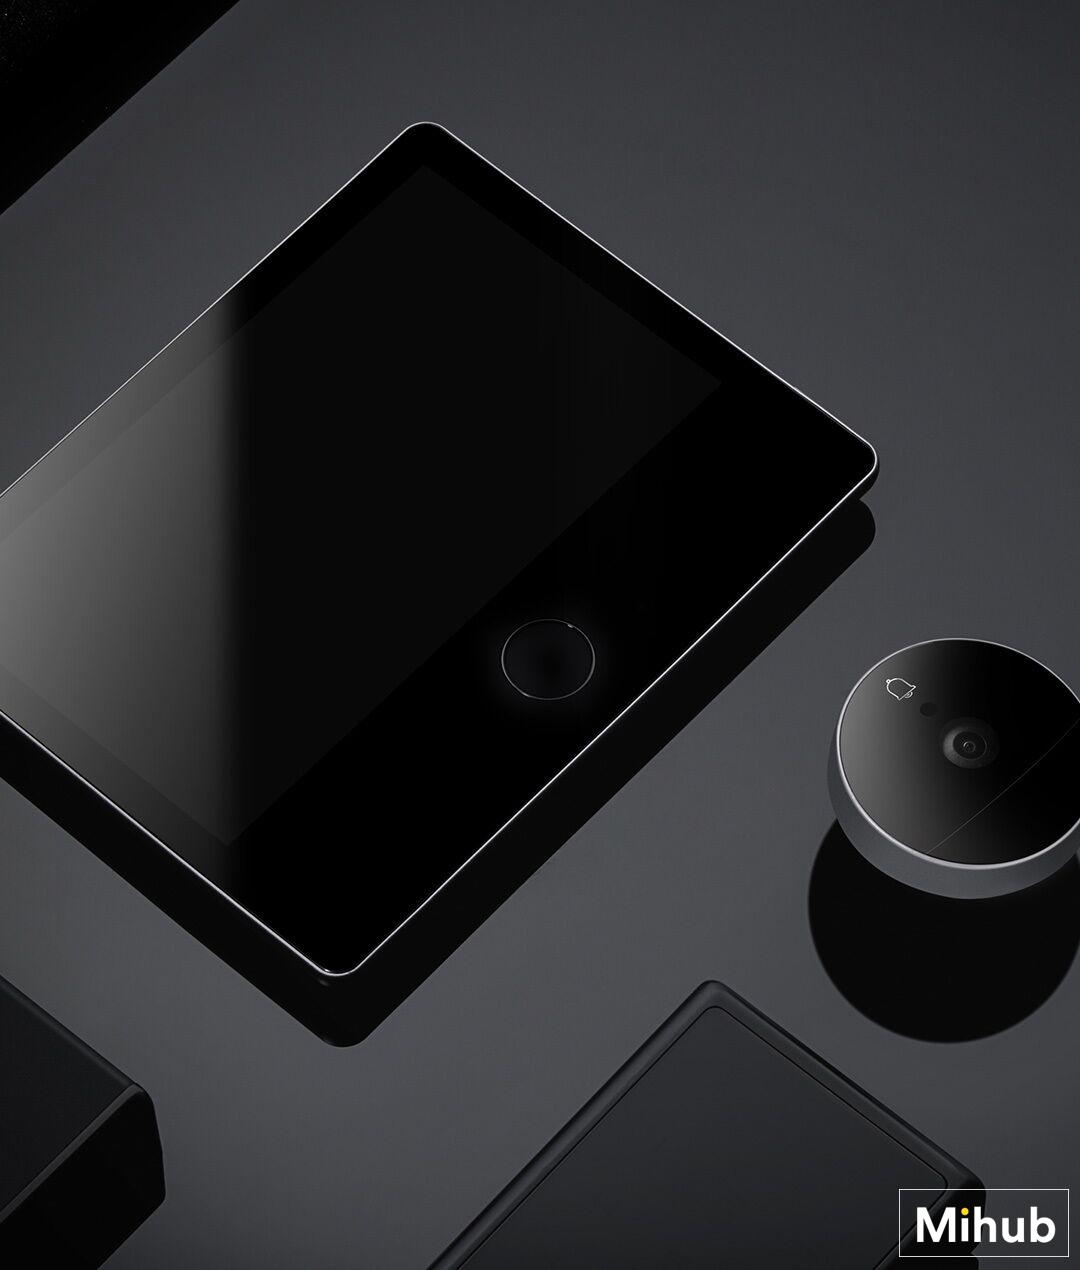 Chuông Cửa Video Thông Minh Xiaomi LOOCK CatY LSC-Y01 chất lượng cao